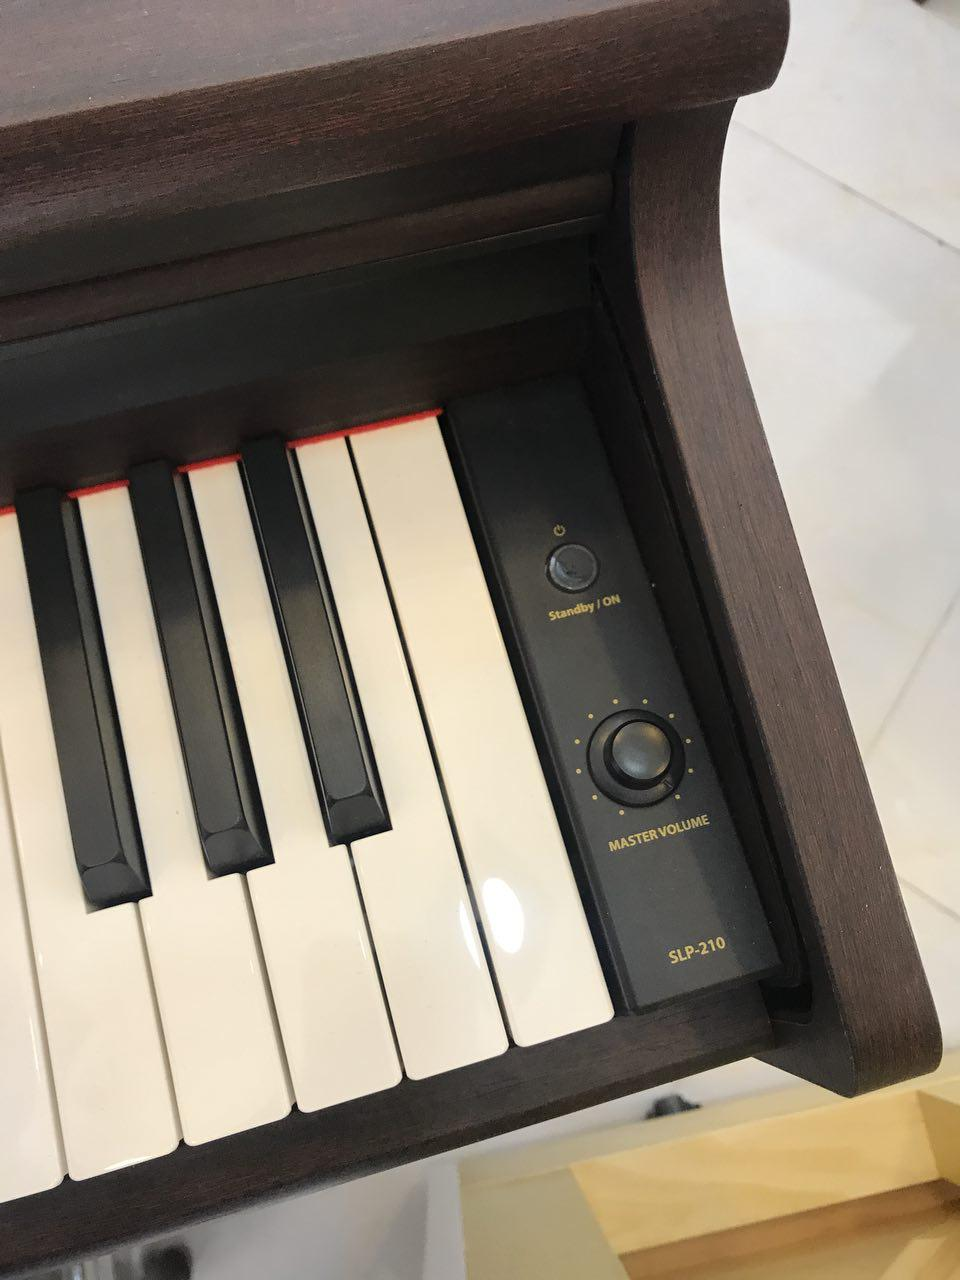 پیانو slp 210 (نقد و اقساط)